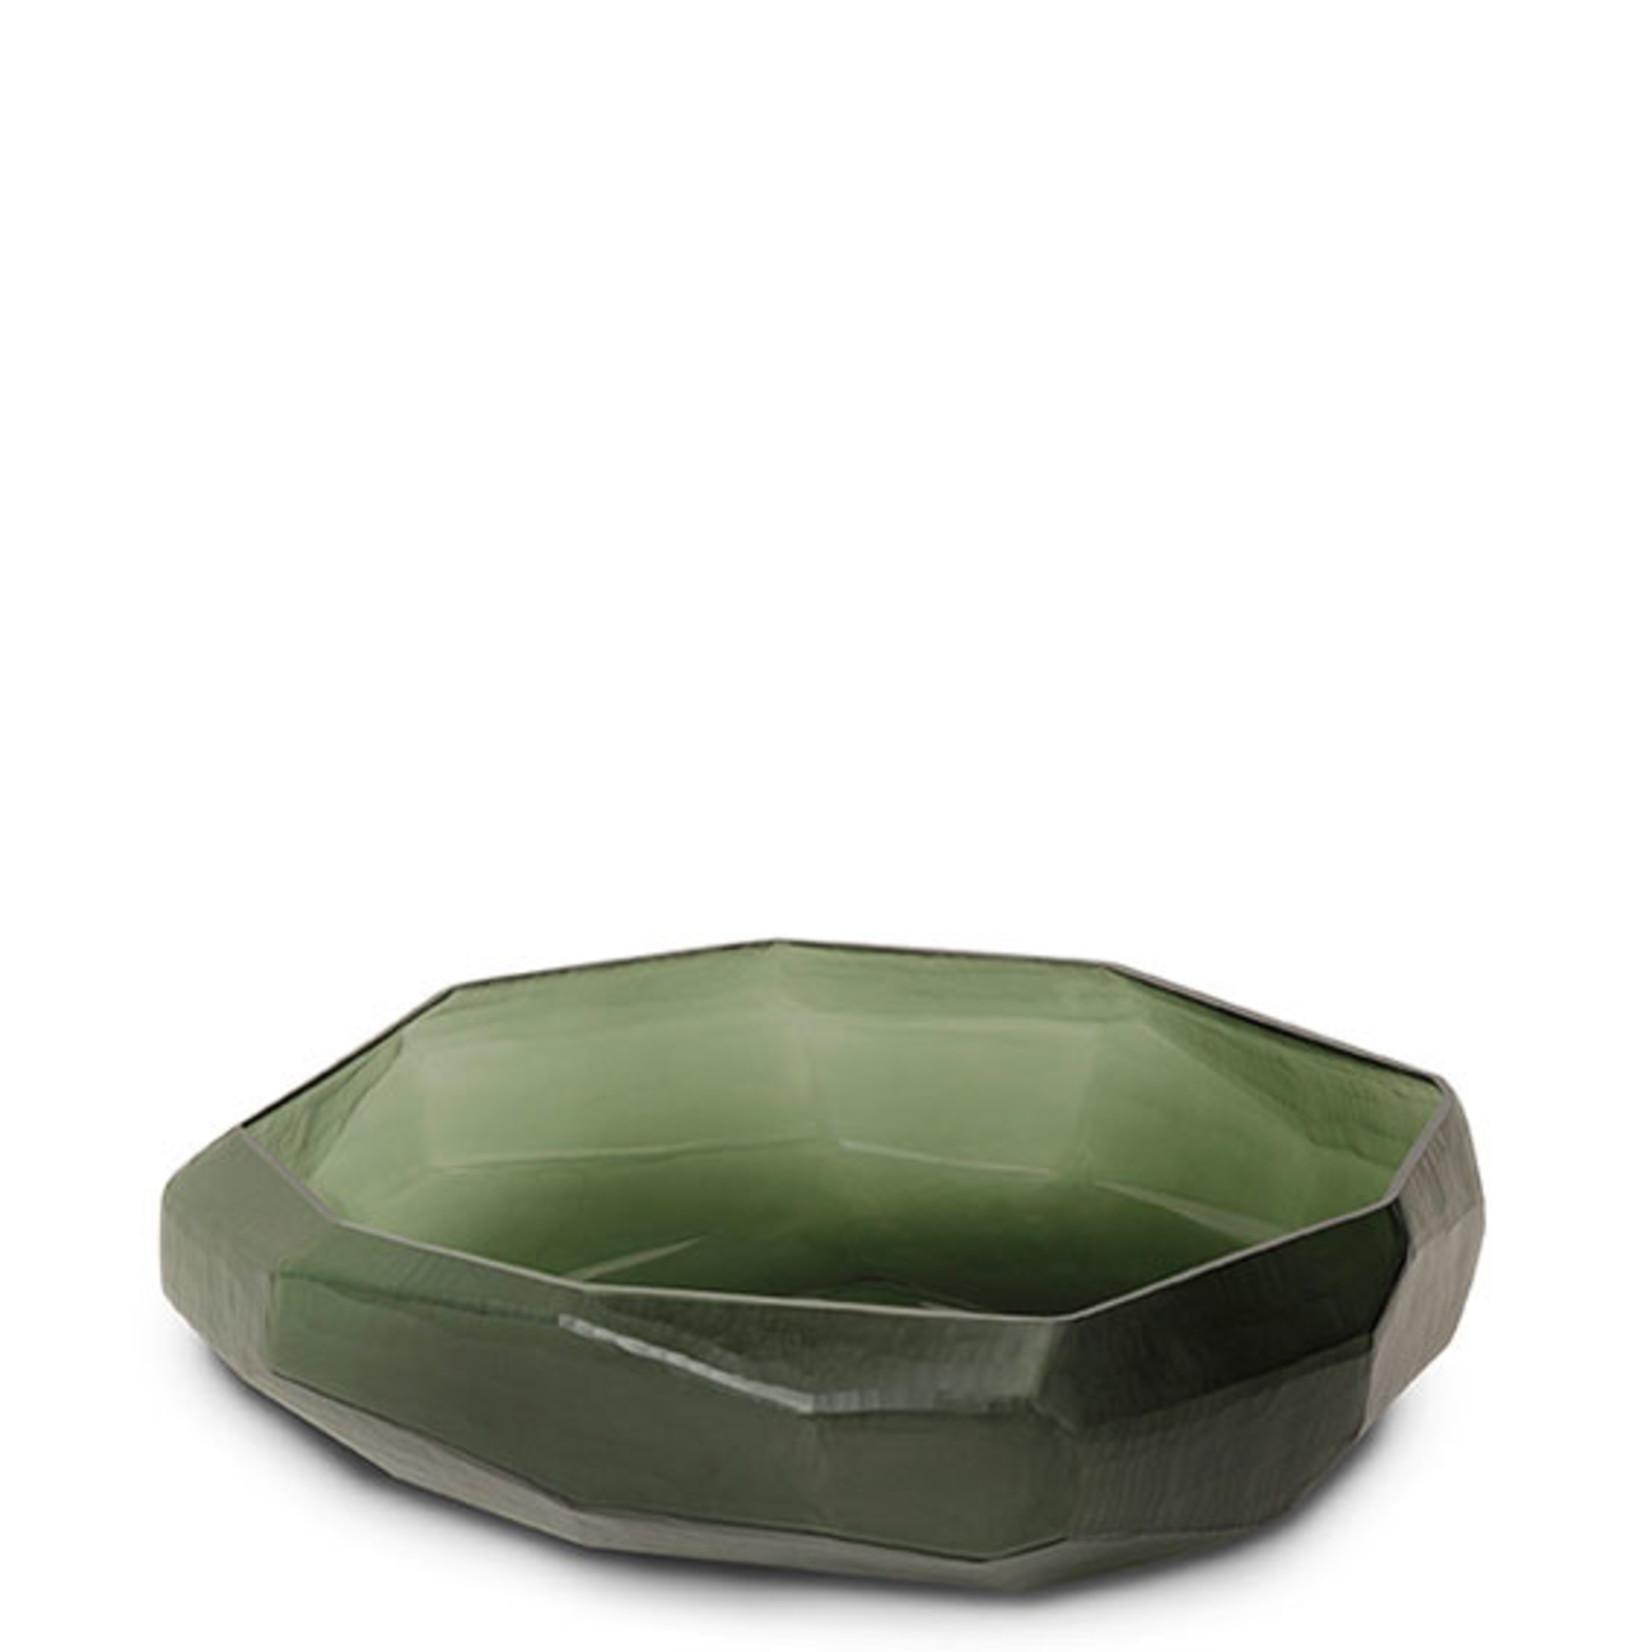 Guaxs Cubistic Bowl | Black / Steelgrey